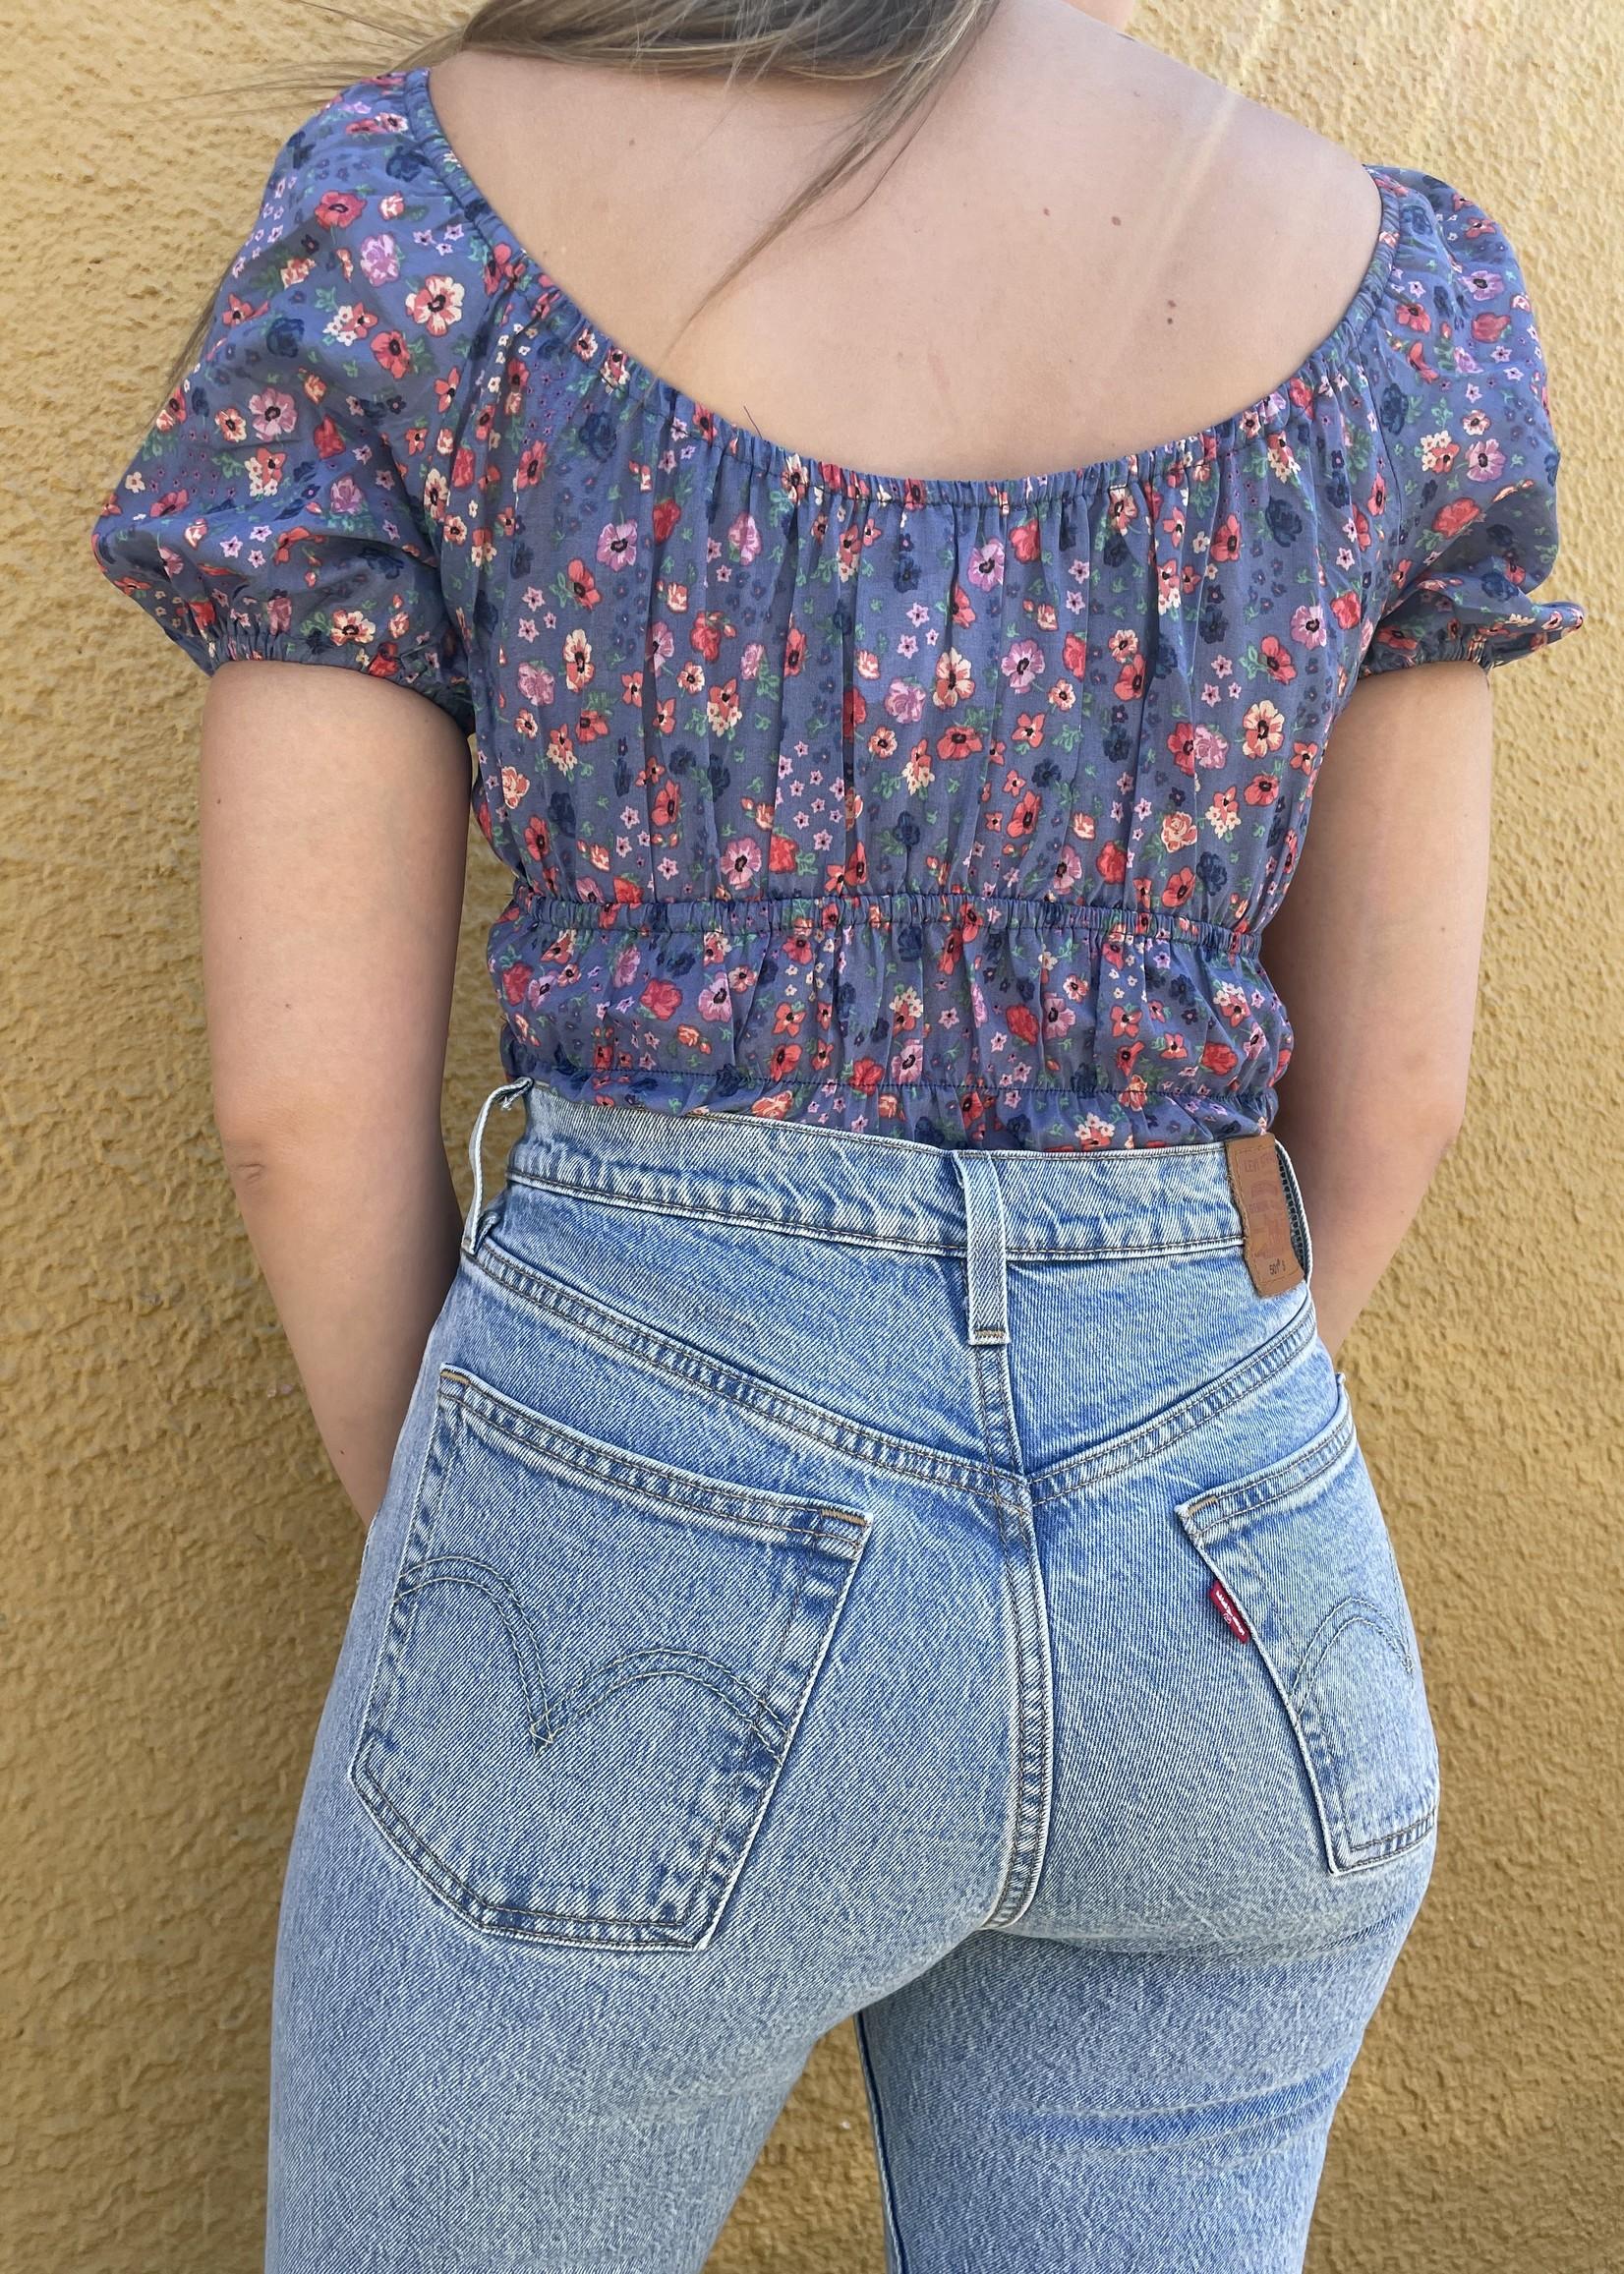 Josie Bodysuit- Navy Floral